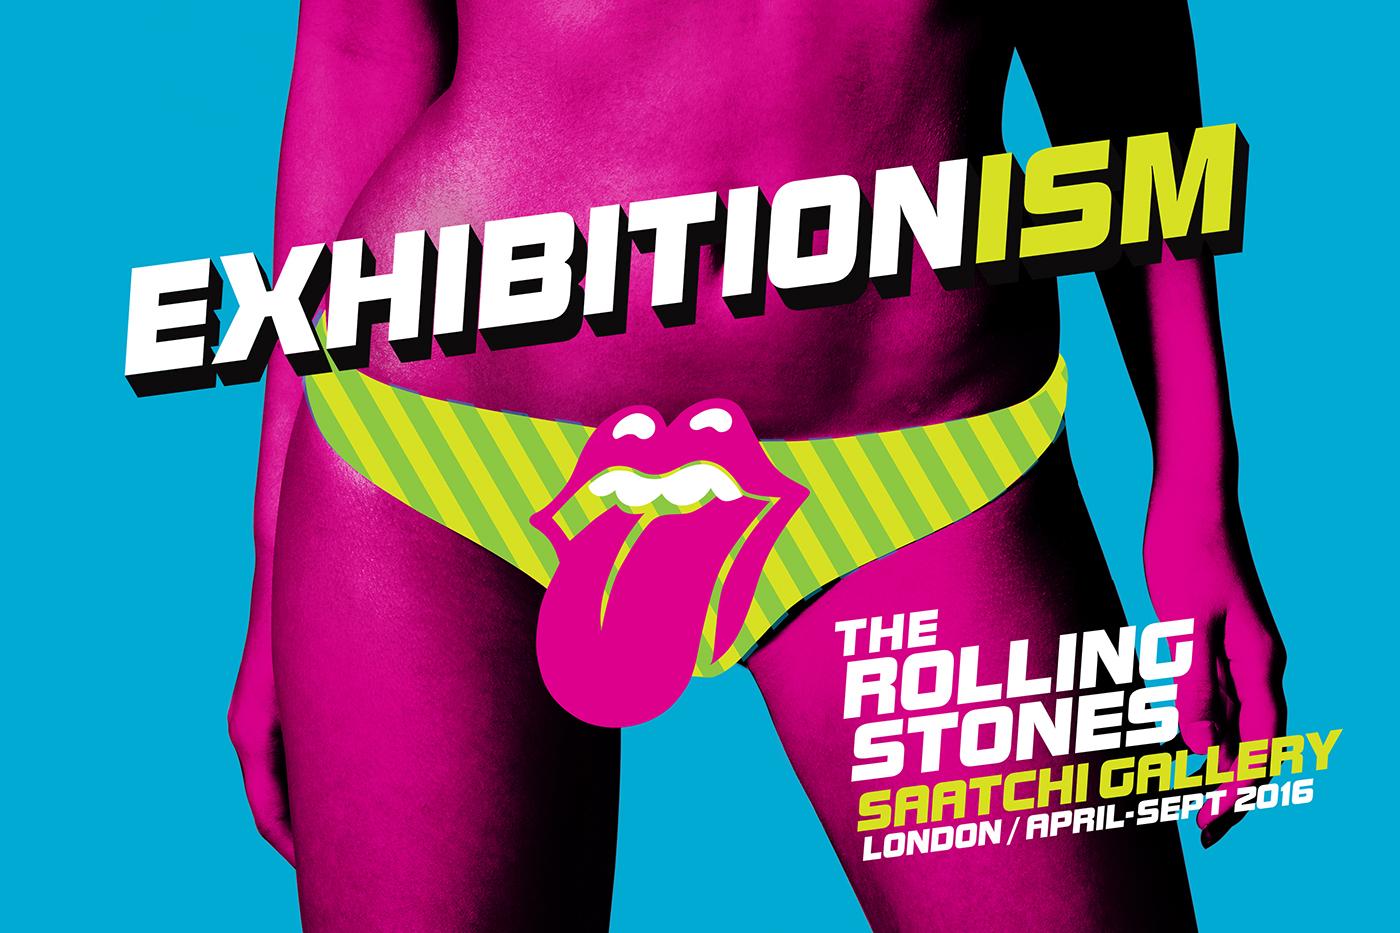 Cartel oficial de la exposición - Foto: Rolling Stones Archive